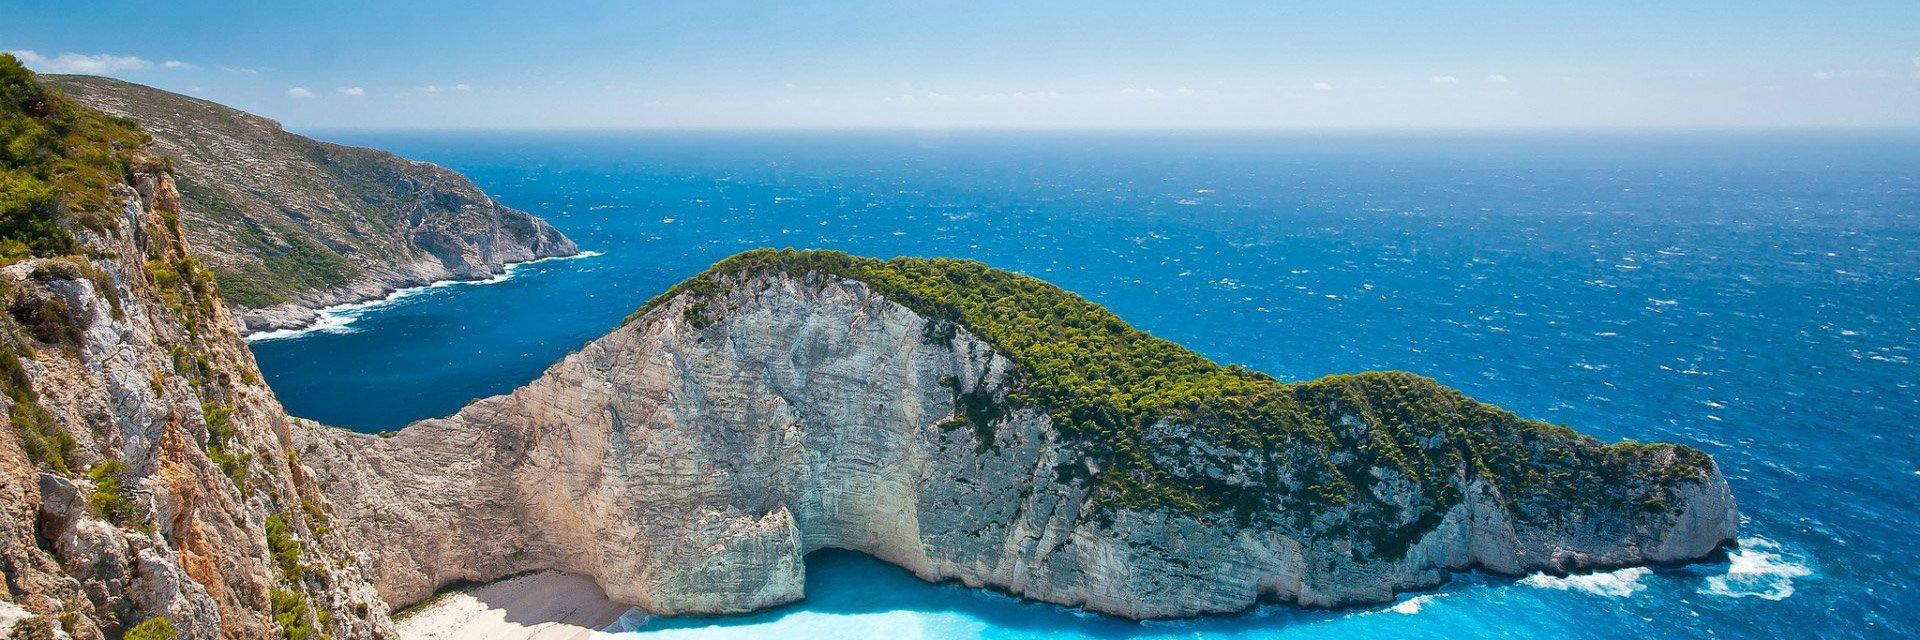 Aktea Beach Village 4* (Айя-Напа, Кипр) - цены, отзывы, фото, бронирование - ПАКС